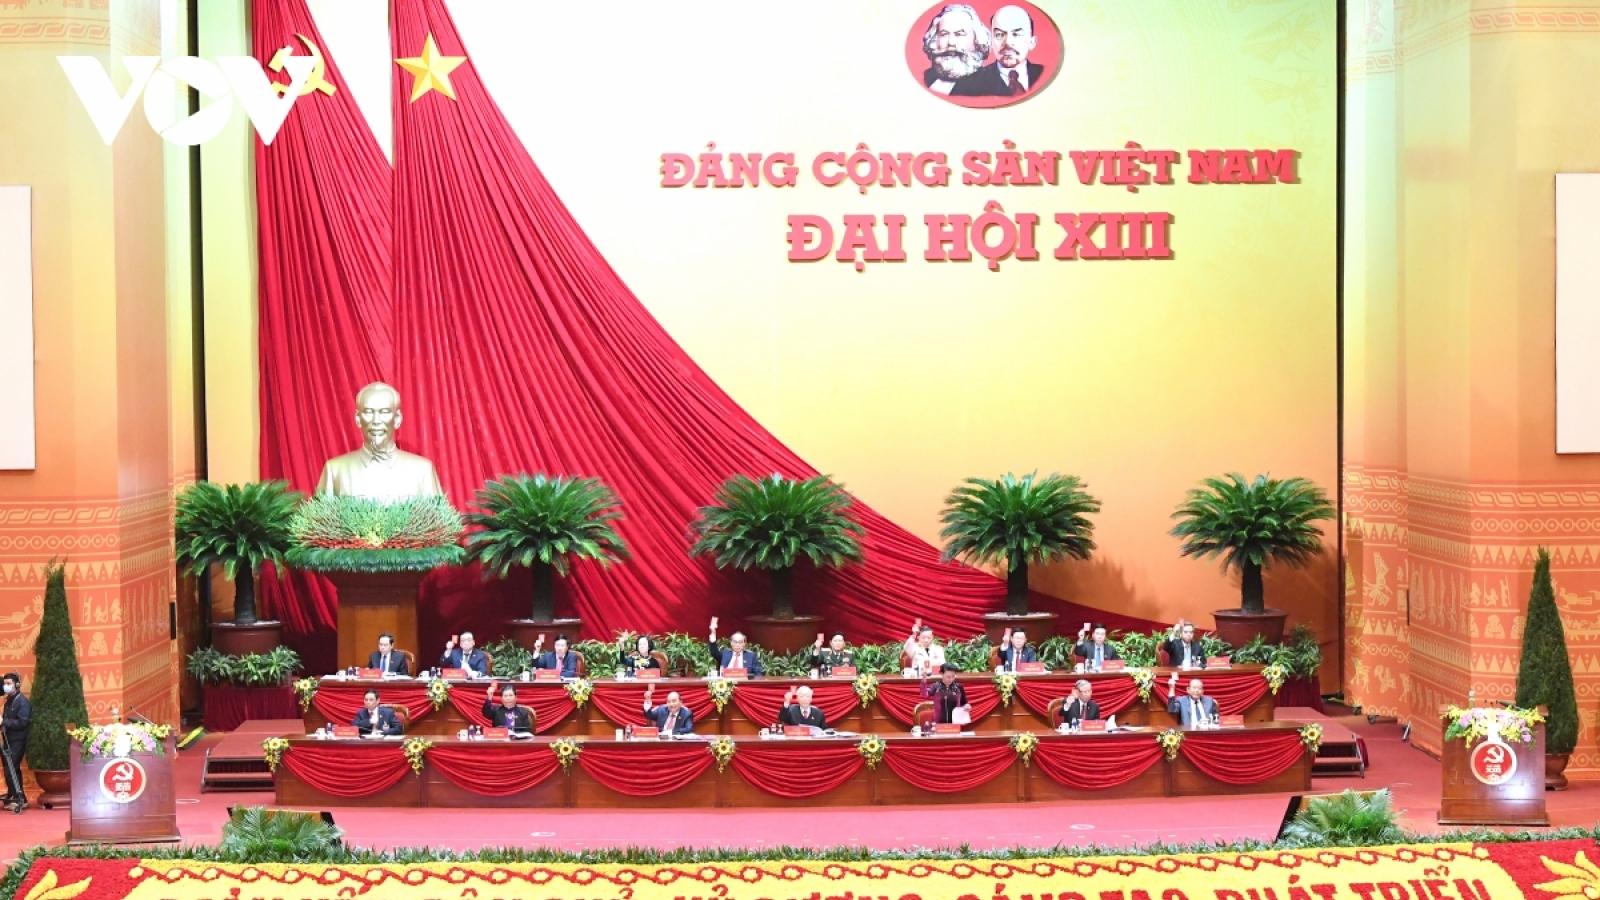 Đại hội thông qua số lượng Ban Chấp hành Trung ương khoá XIII gồm 200 ủy viên